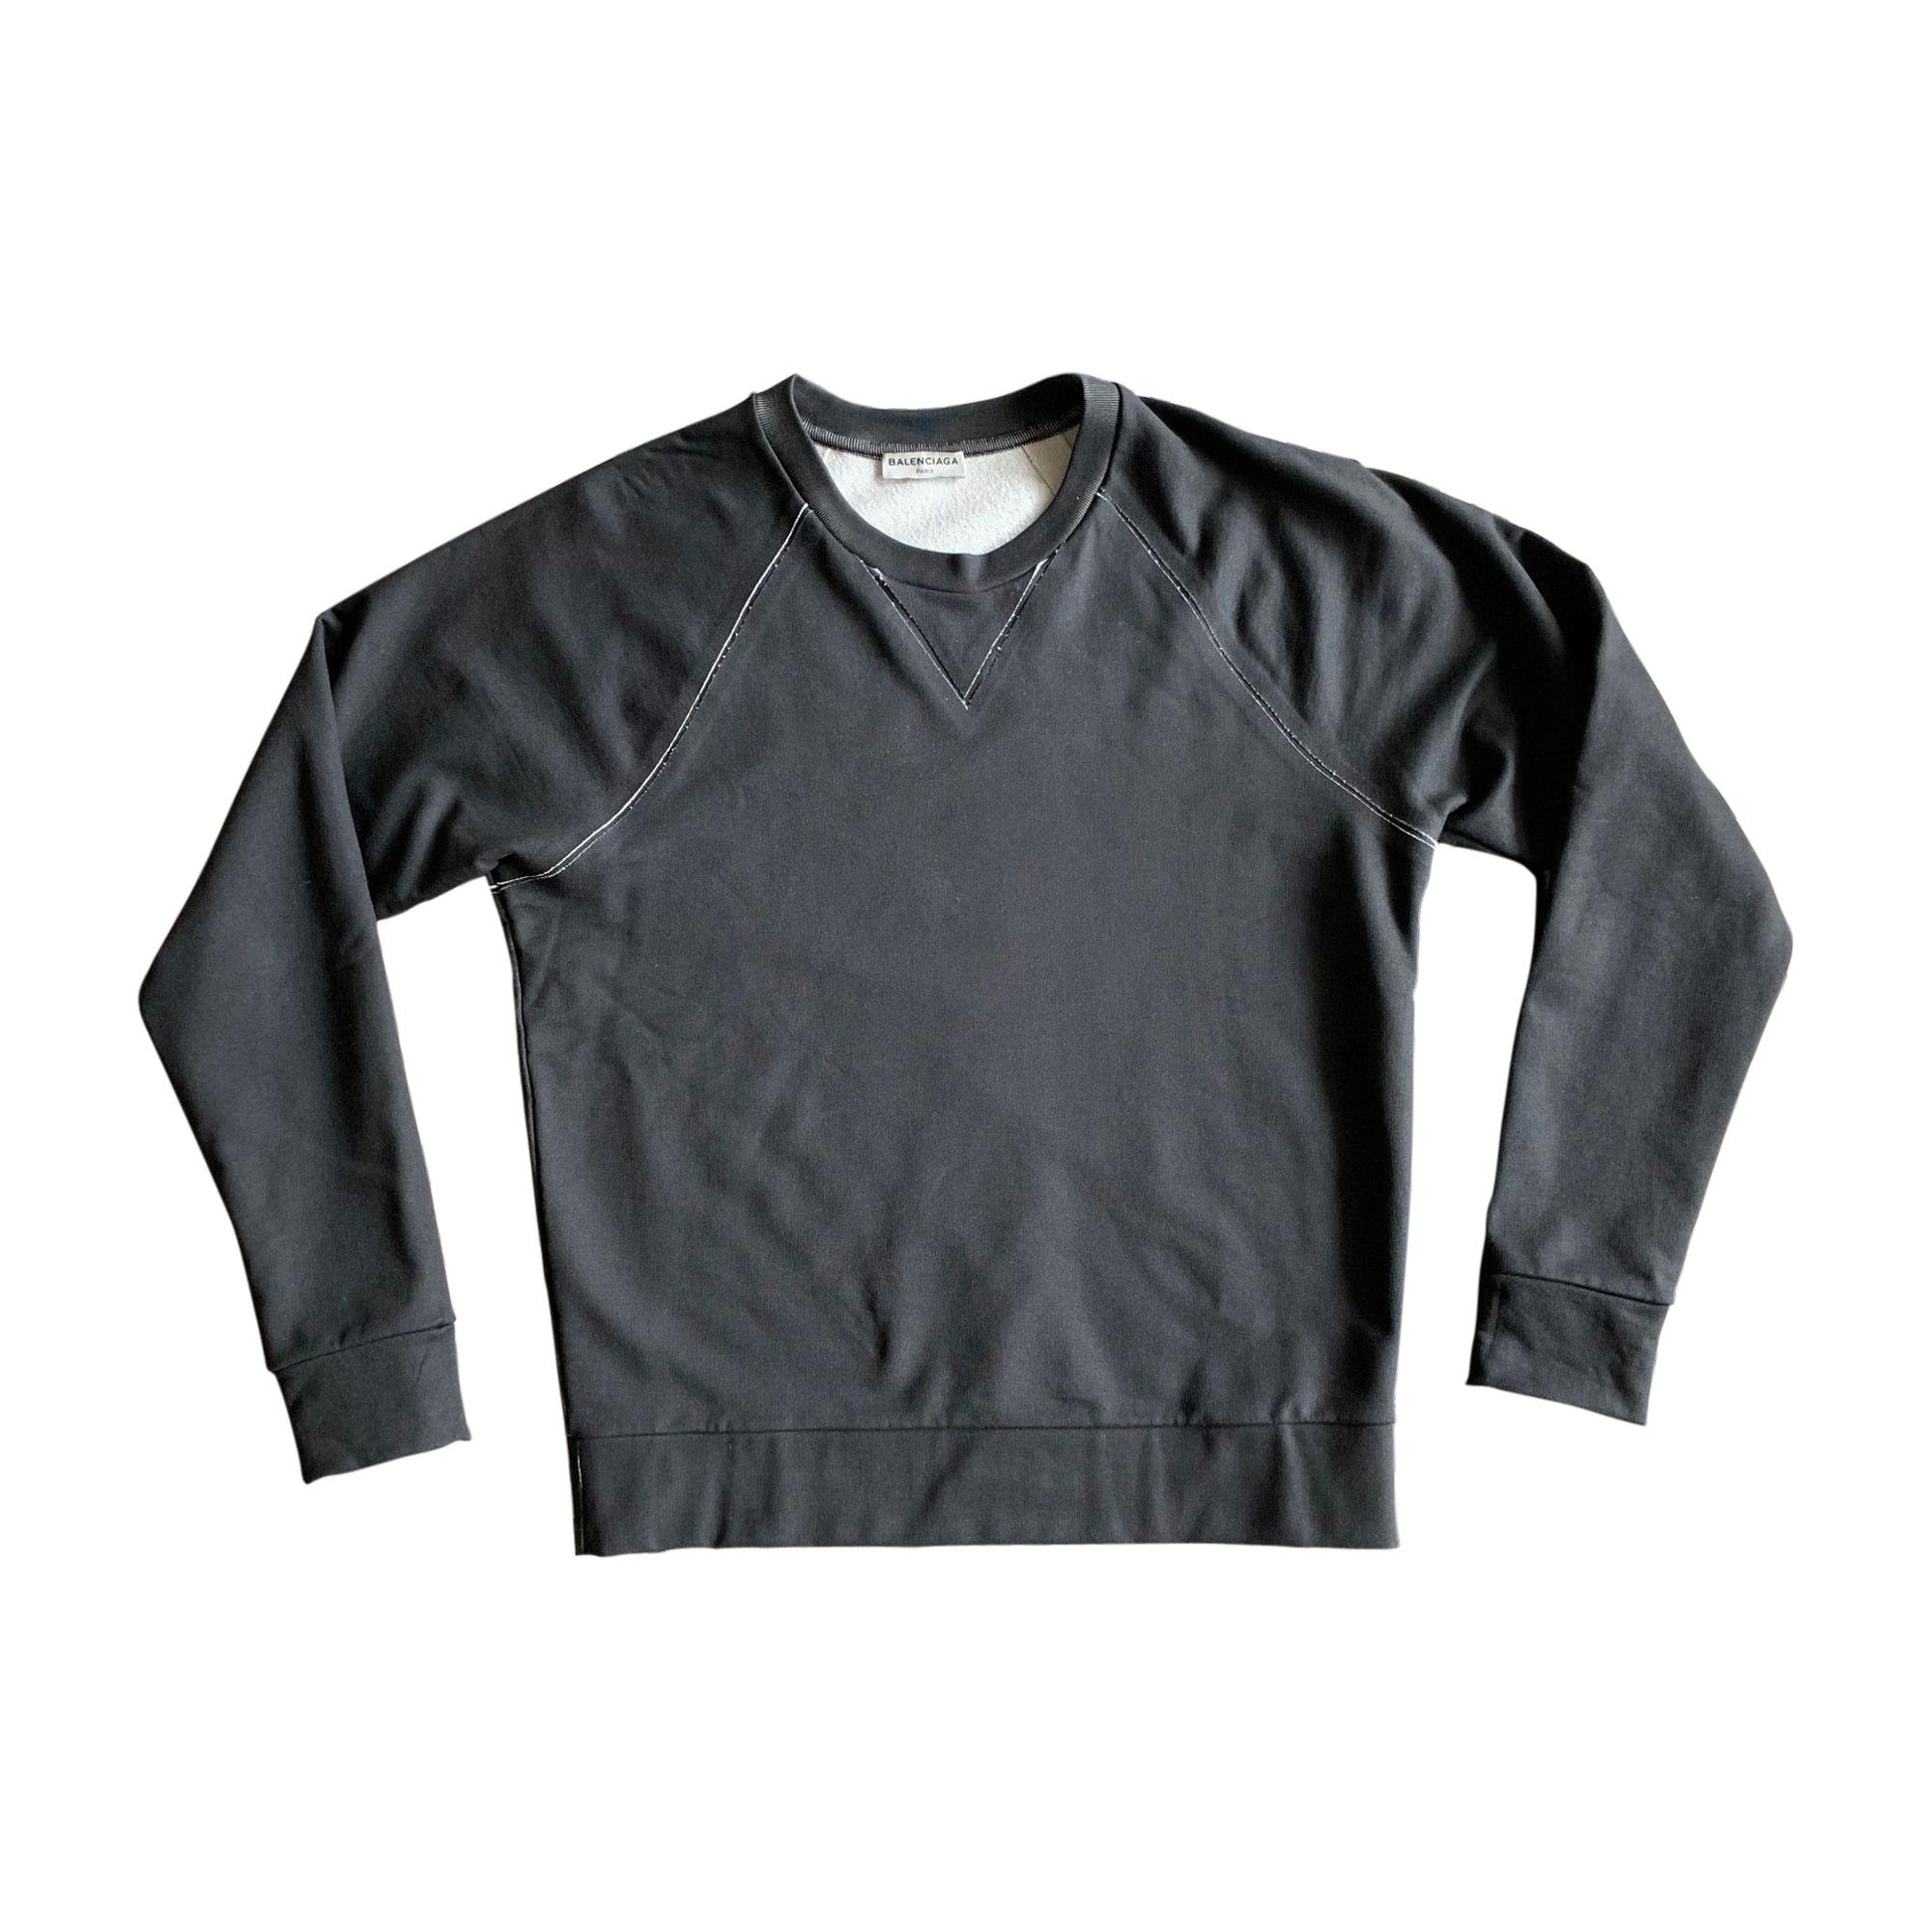 Sweatshirt BALENCIAGA Gray, charcoal